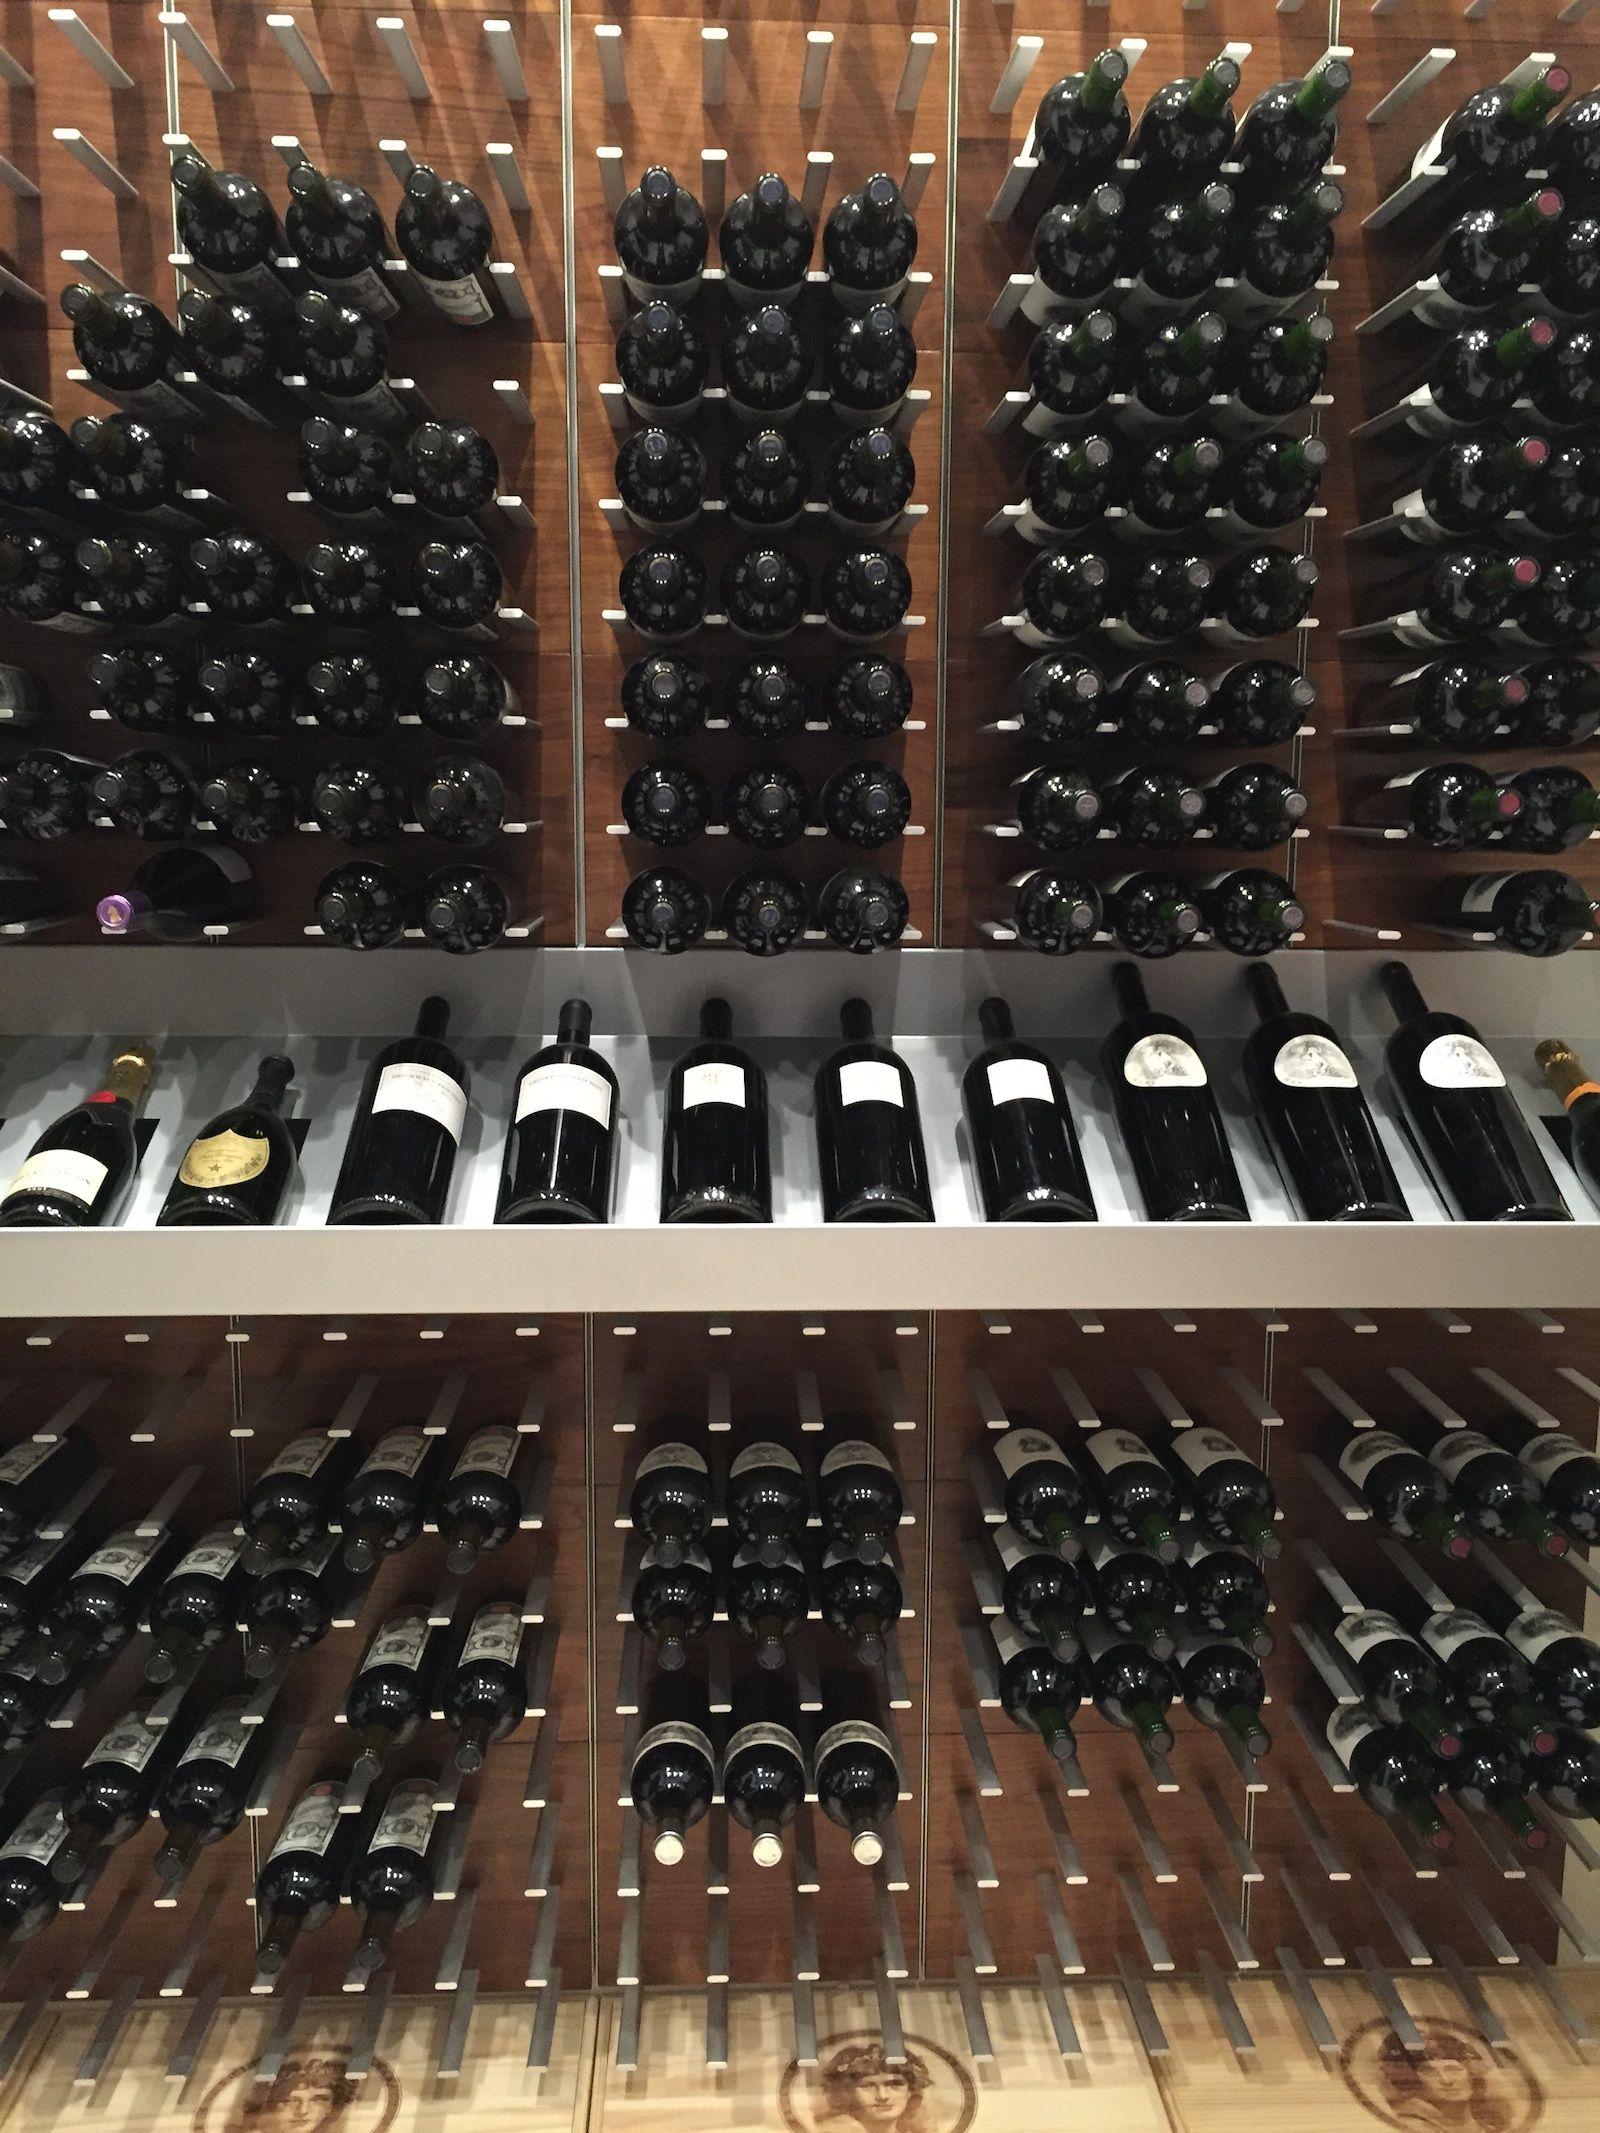 california glass wine cellar #DuVino #wine .vinoduvino.com & california glass wine cellar #DuVino #wine www.vinoduvino.com | Wine ...